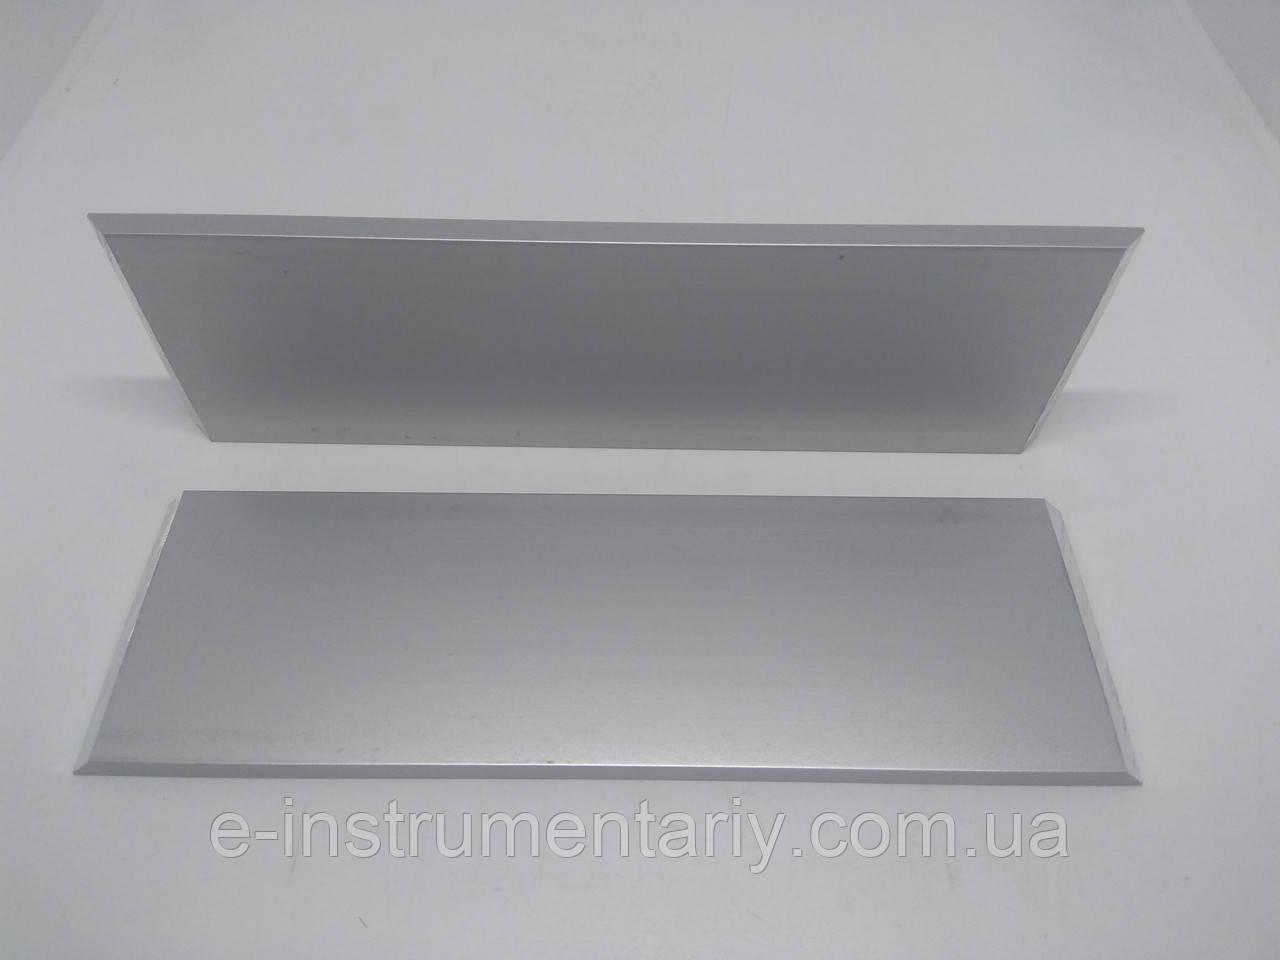 Алюминиевый бланк под 45° 160Х50X5 мм